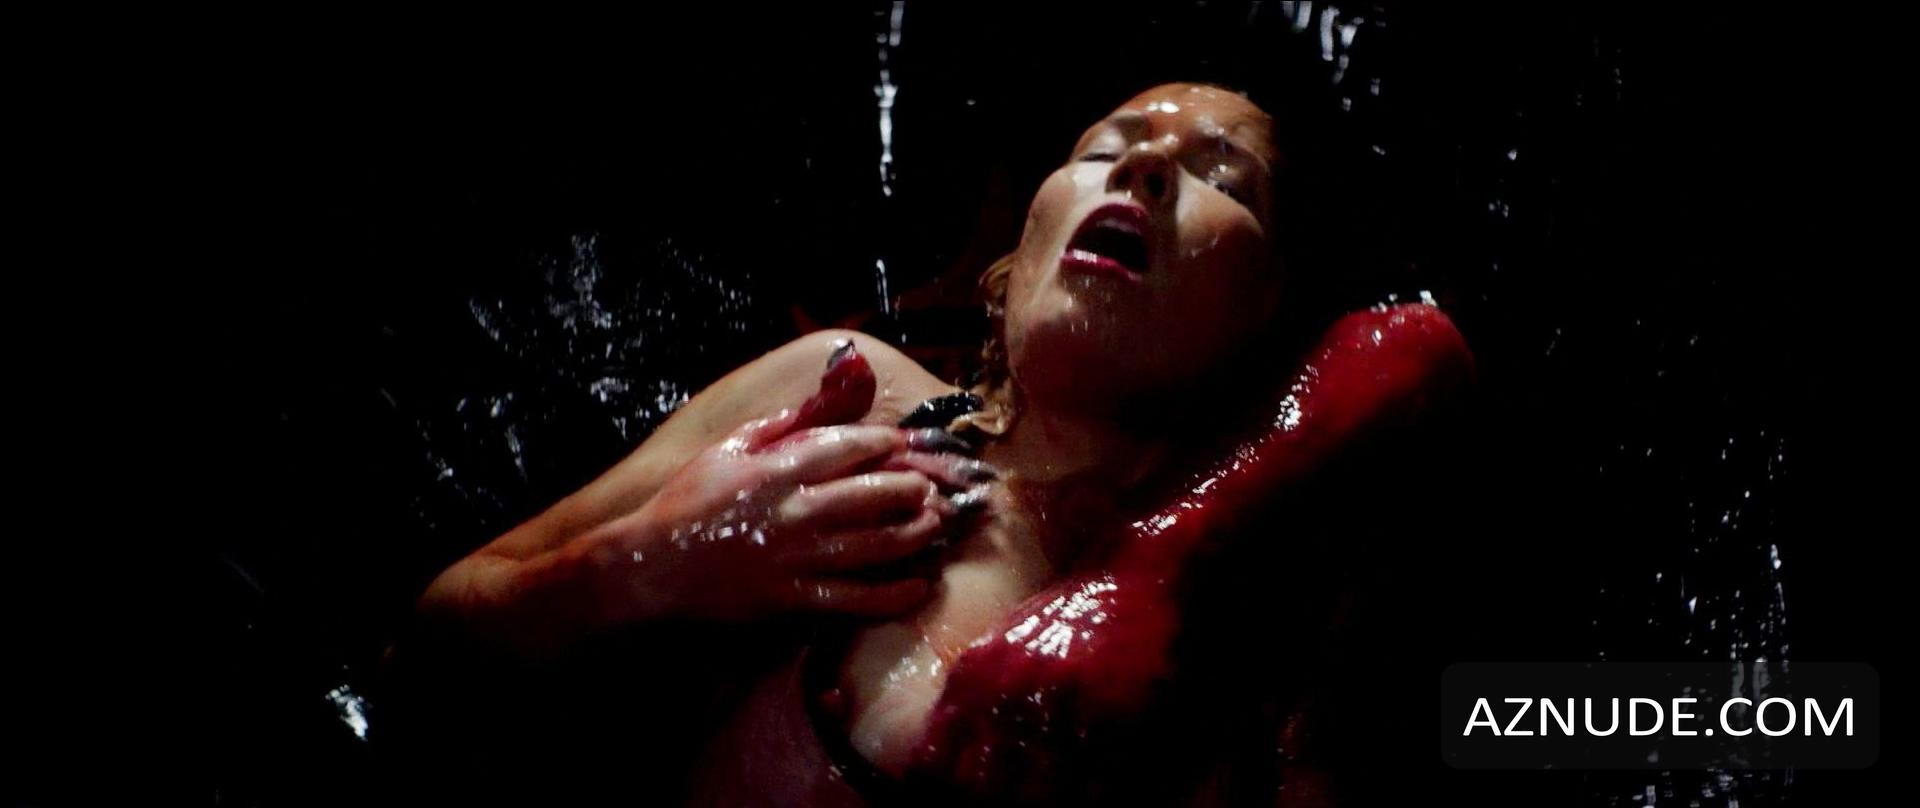 Natasha henstridge nude sex in species scandalplanetcom - 2 part 7